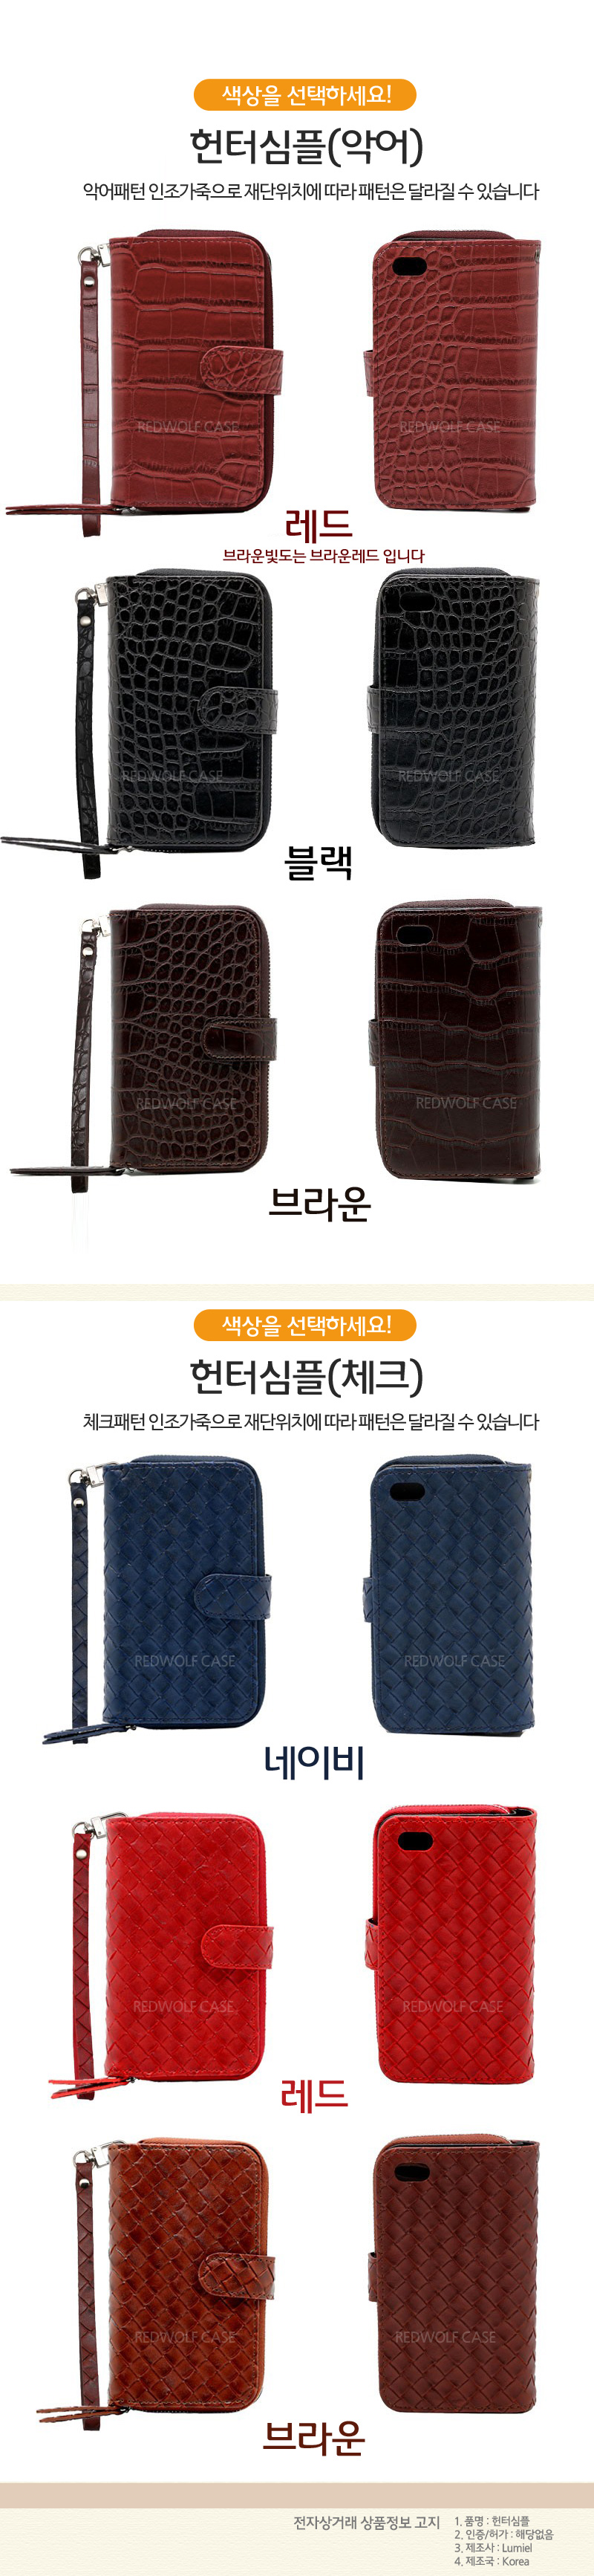 Vỏ điện thoại da thiết kế Hàn Quốc - VDT121